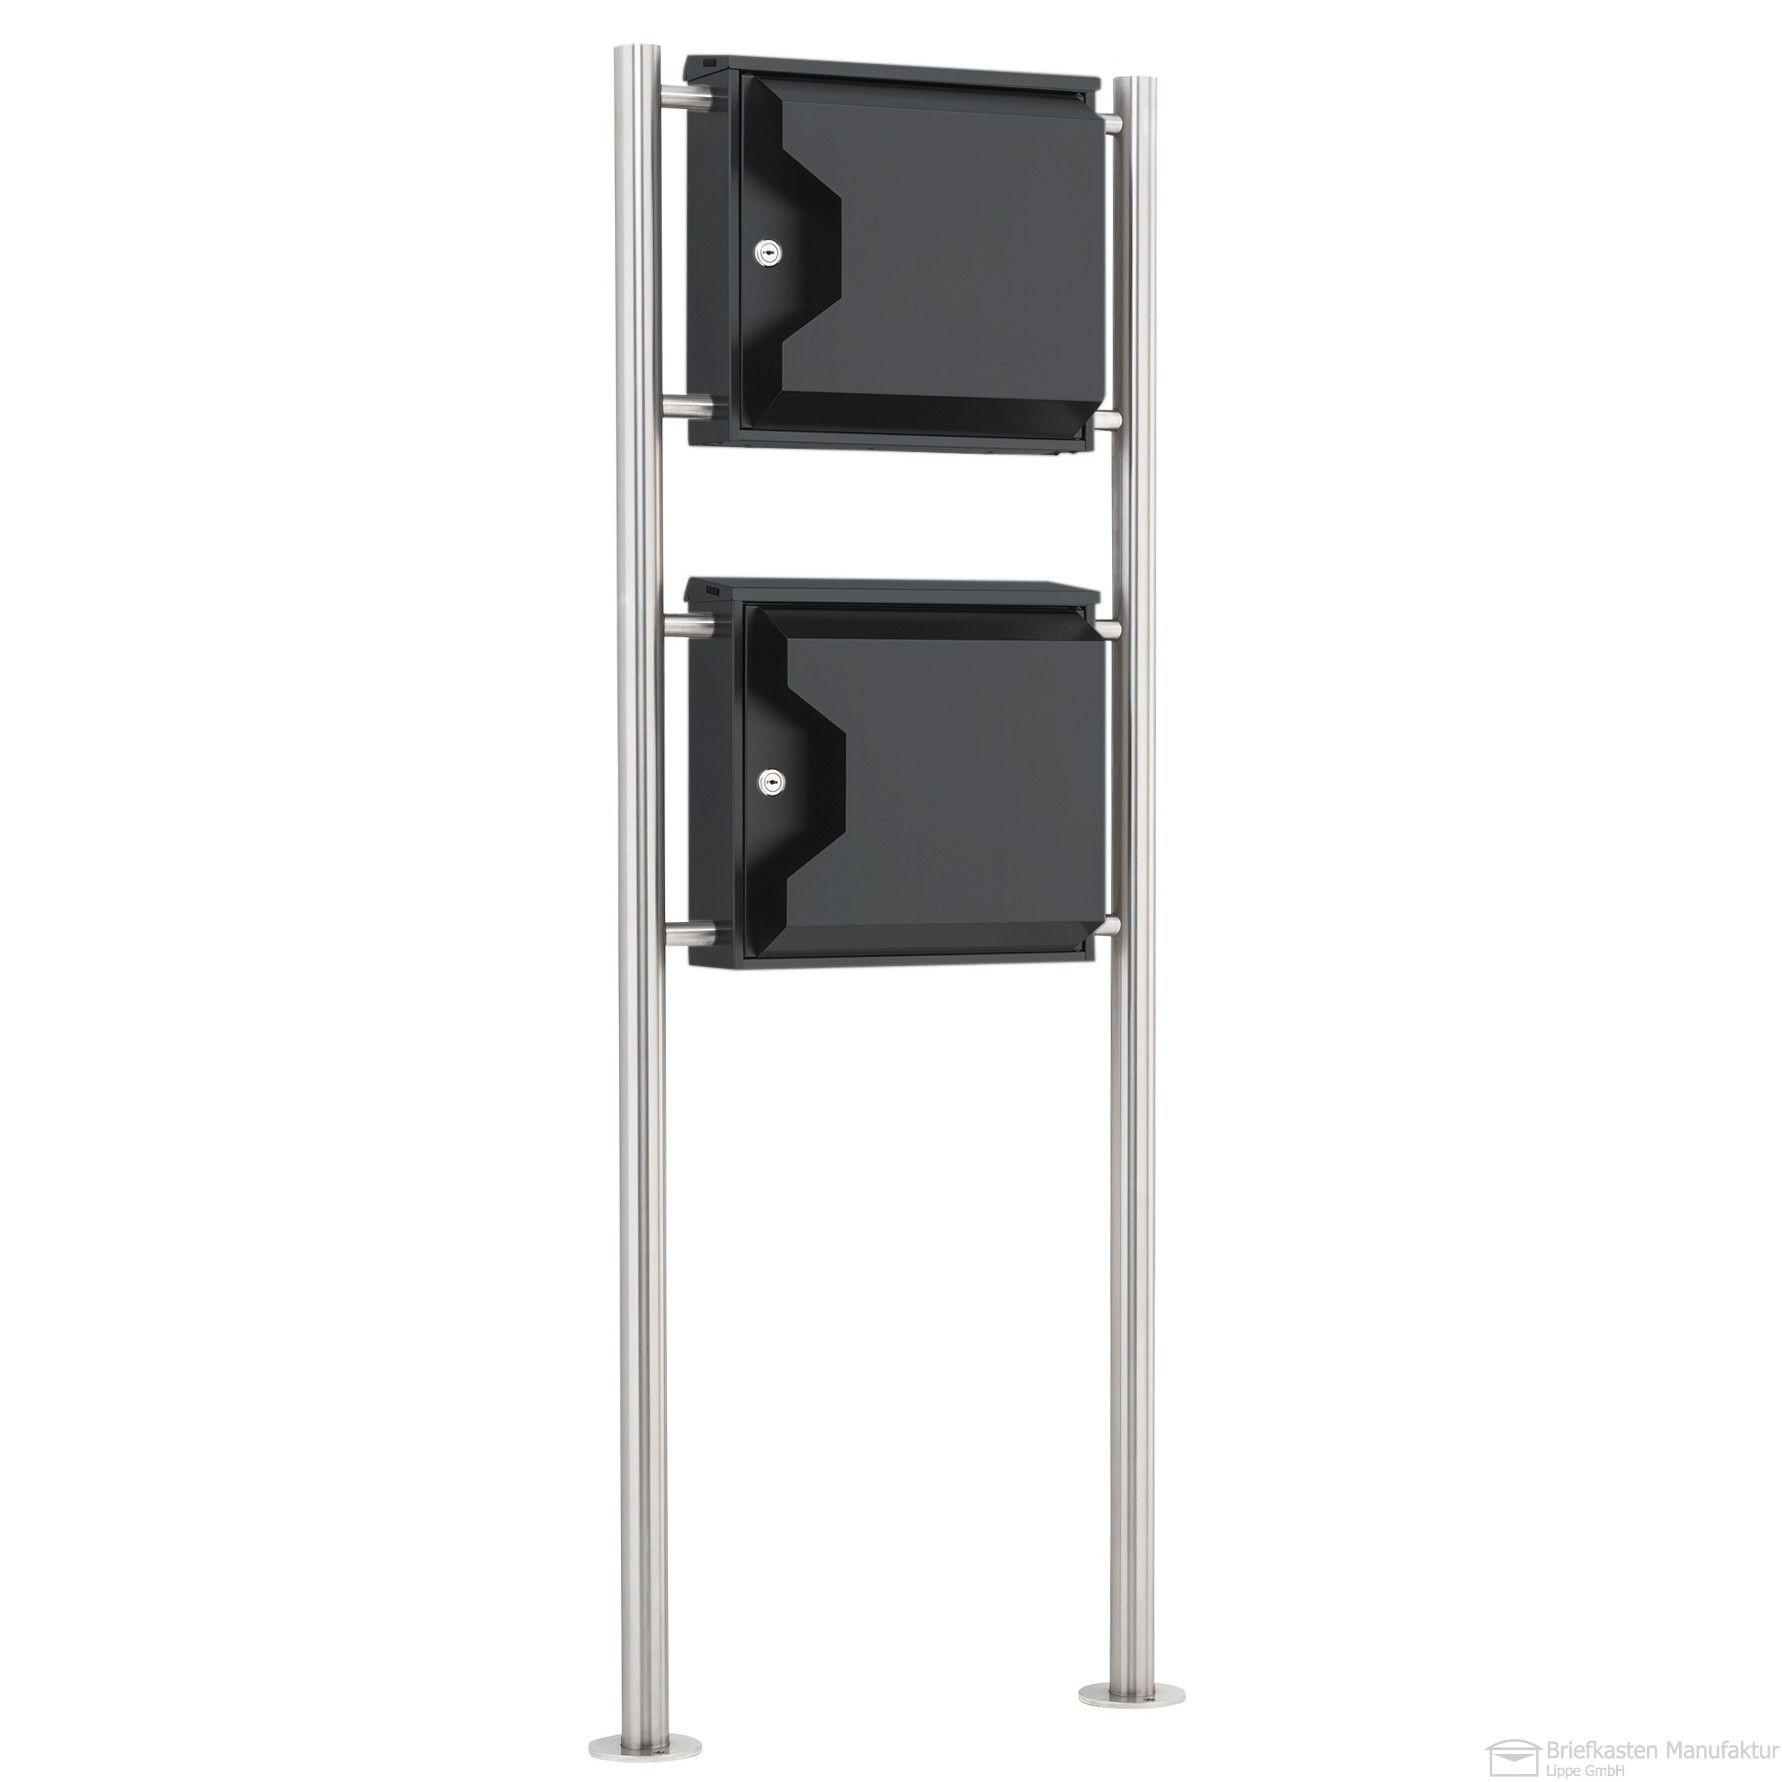 edelstahl doppelbriefkasten freistehend mit zeitungsfach edition edelstahl anthratzitgrau. Black Bedroom Furniture Sets. Home Design Ideas